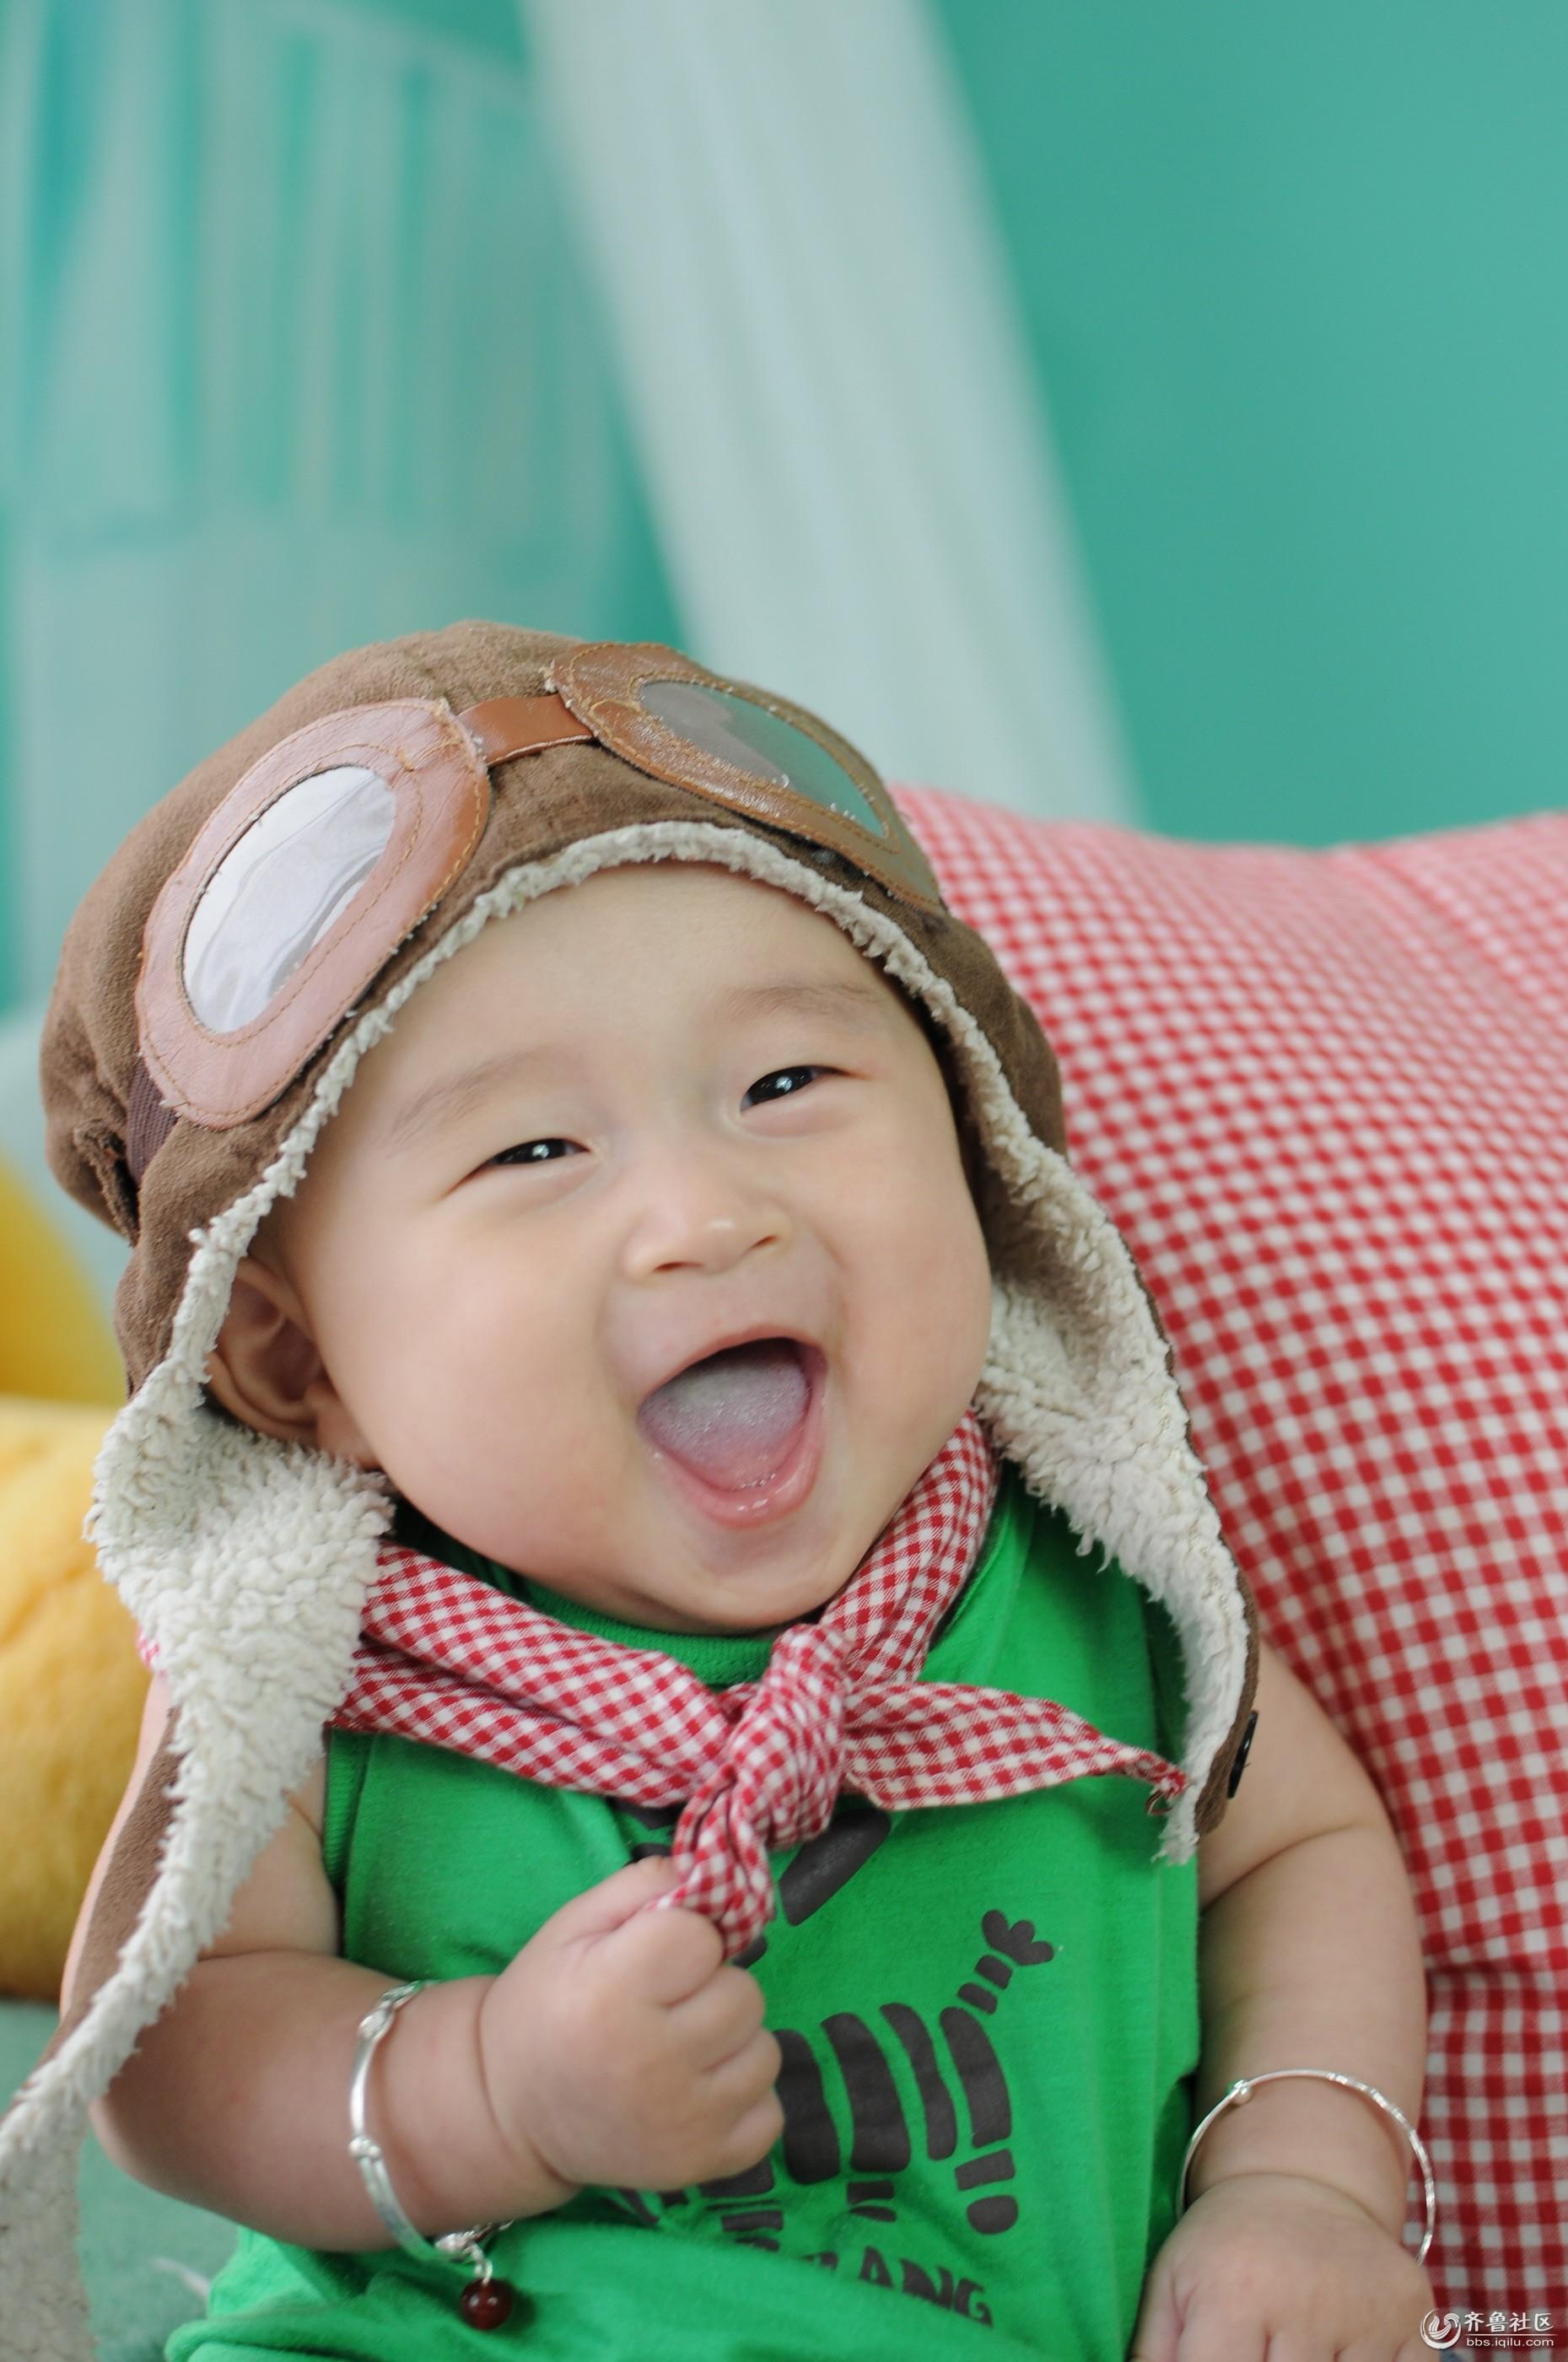 小孩笑脸图片可爱